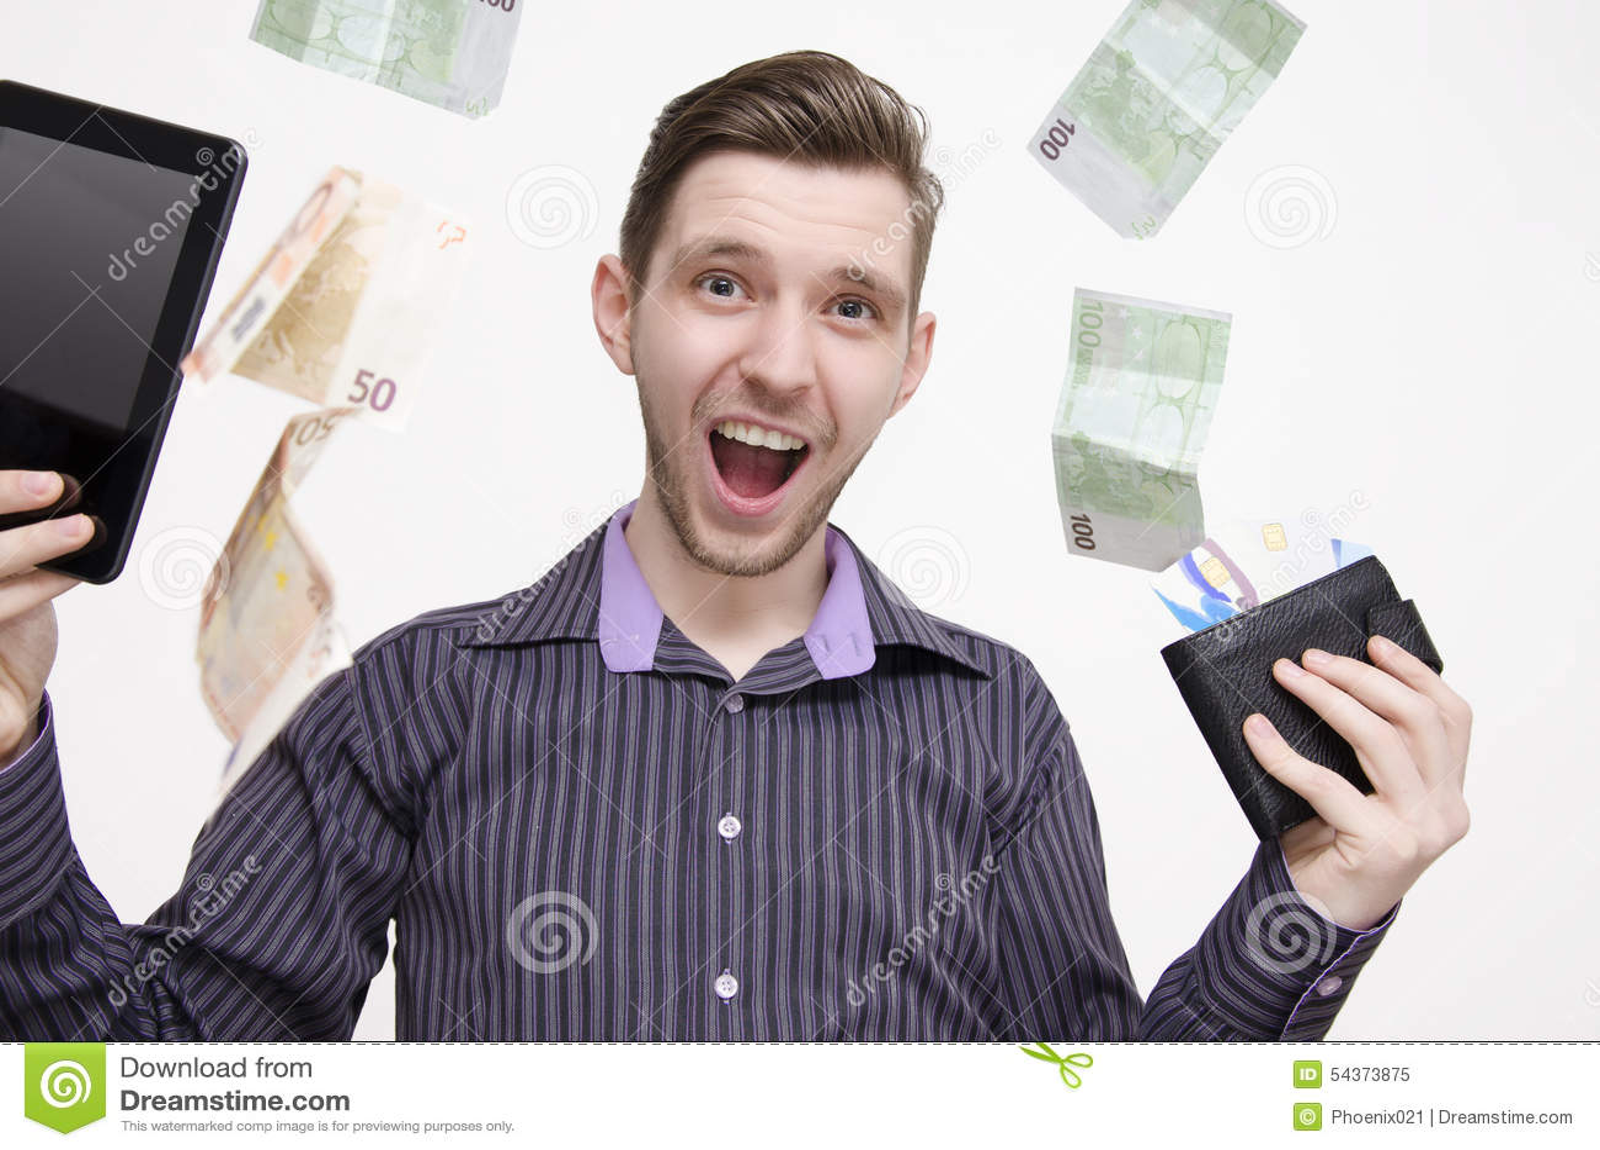 Νέα ενήλικη ταμπλέτα εκμετάλλευσης ατόμων και πιστωτικές κάρτες, ενώ τα χρήματα (ευρώ) πέφτουν από τον αέρα